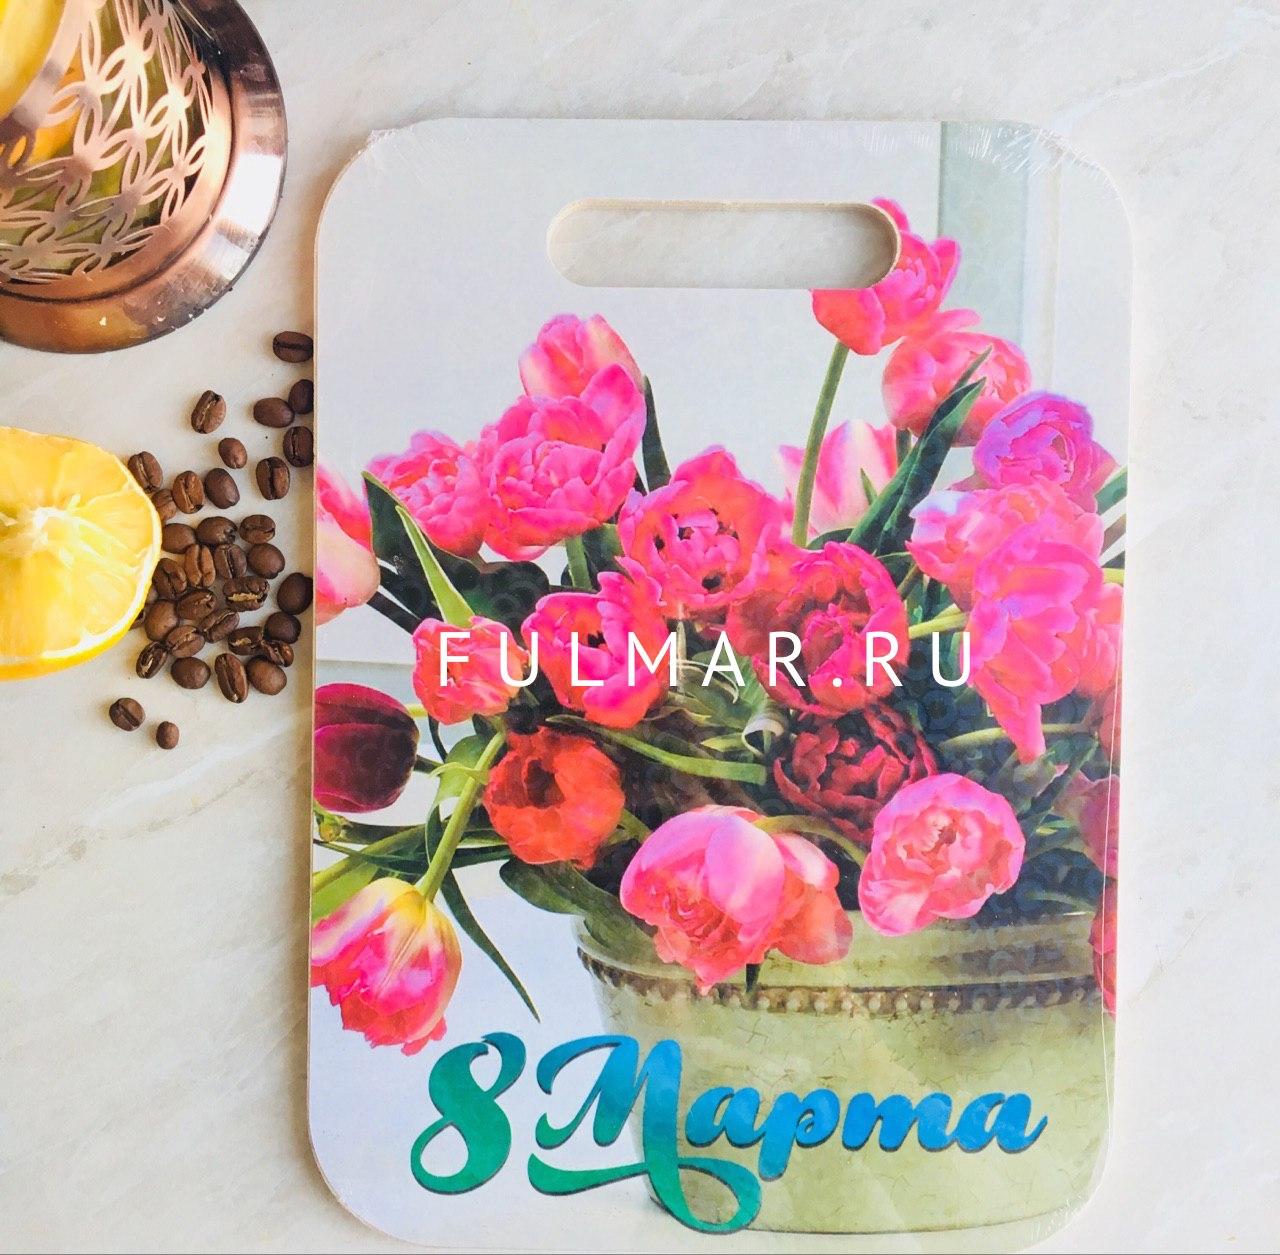 https://fulmar.ru/goods/Doska-razdelochnaya-derevyannaya-dekorativnaya-s-8-marta?from=MGE5&mod_id=147725779